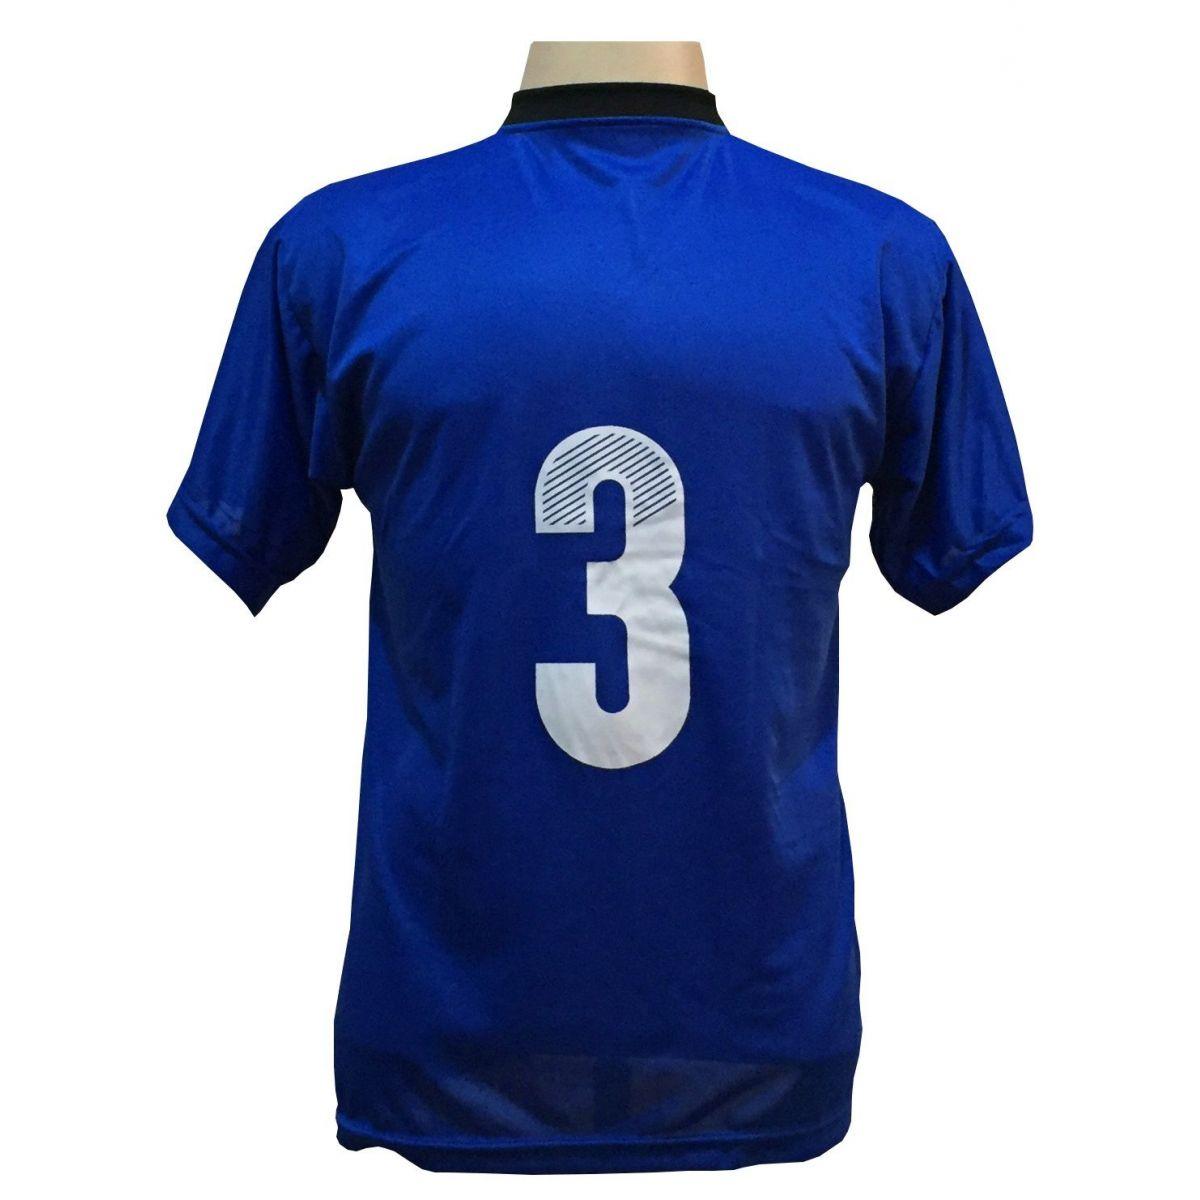 Uniforme Esportivo com 18 Camisas modelo Roma Royal/Preto + 18 Calções modelo Madrid Preto